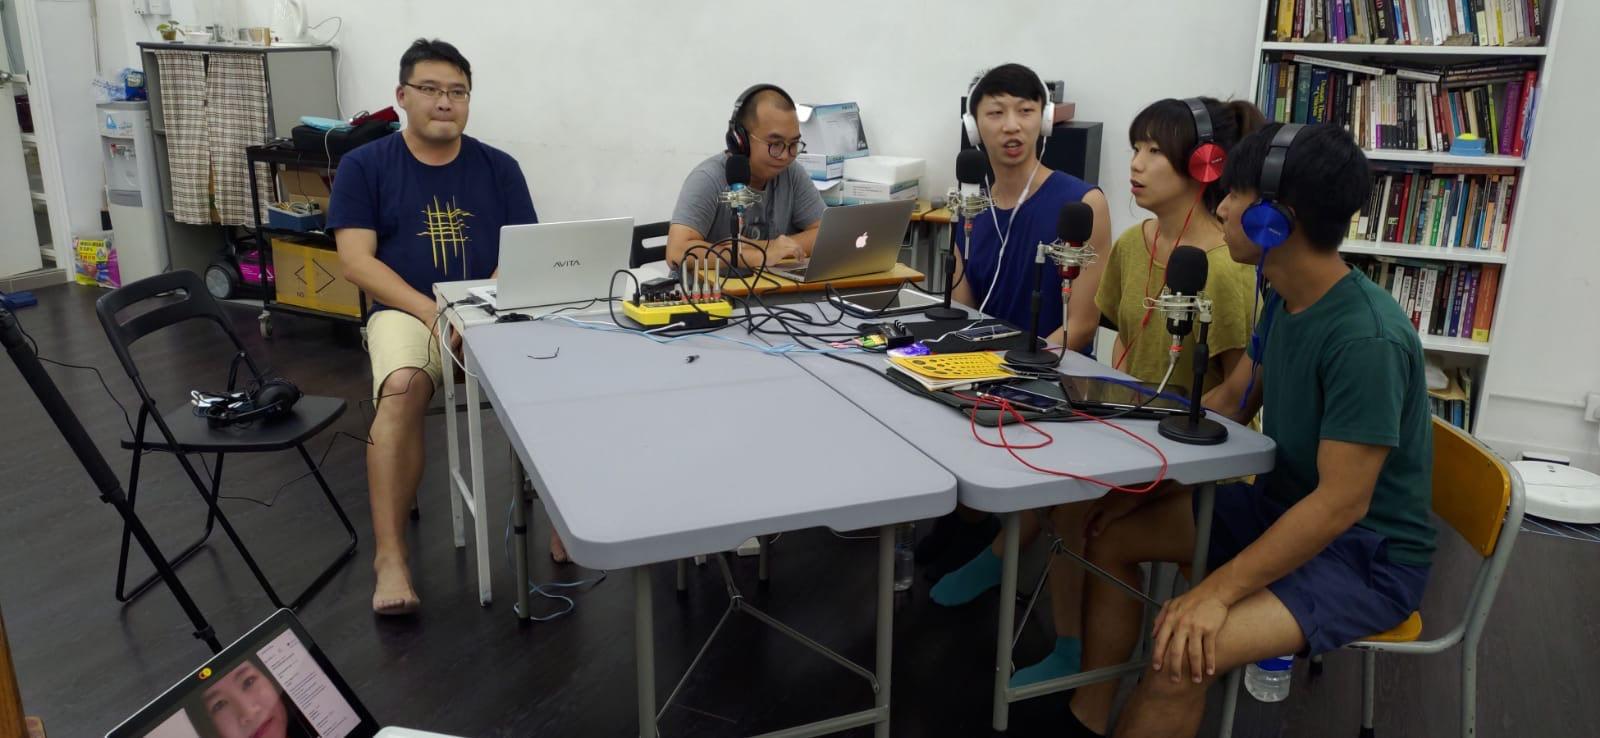 《香港人.藝術.在彼邦.於當下》 線上交流會 - 流白之間 BLANK SPACE STUDIO